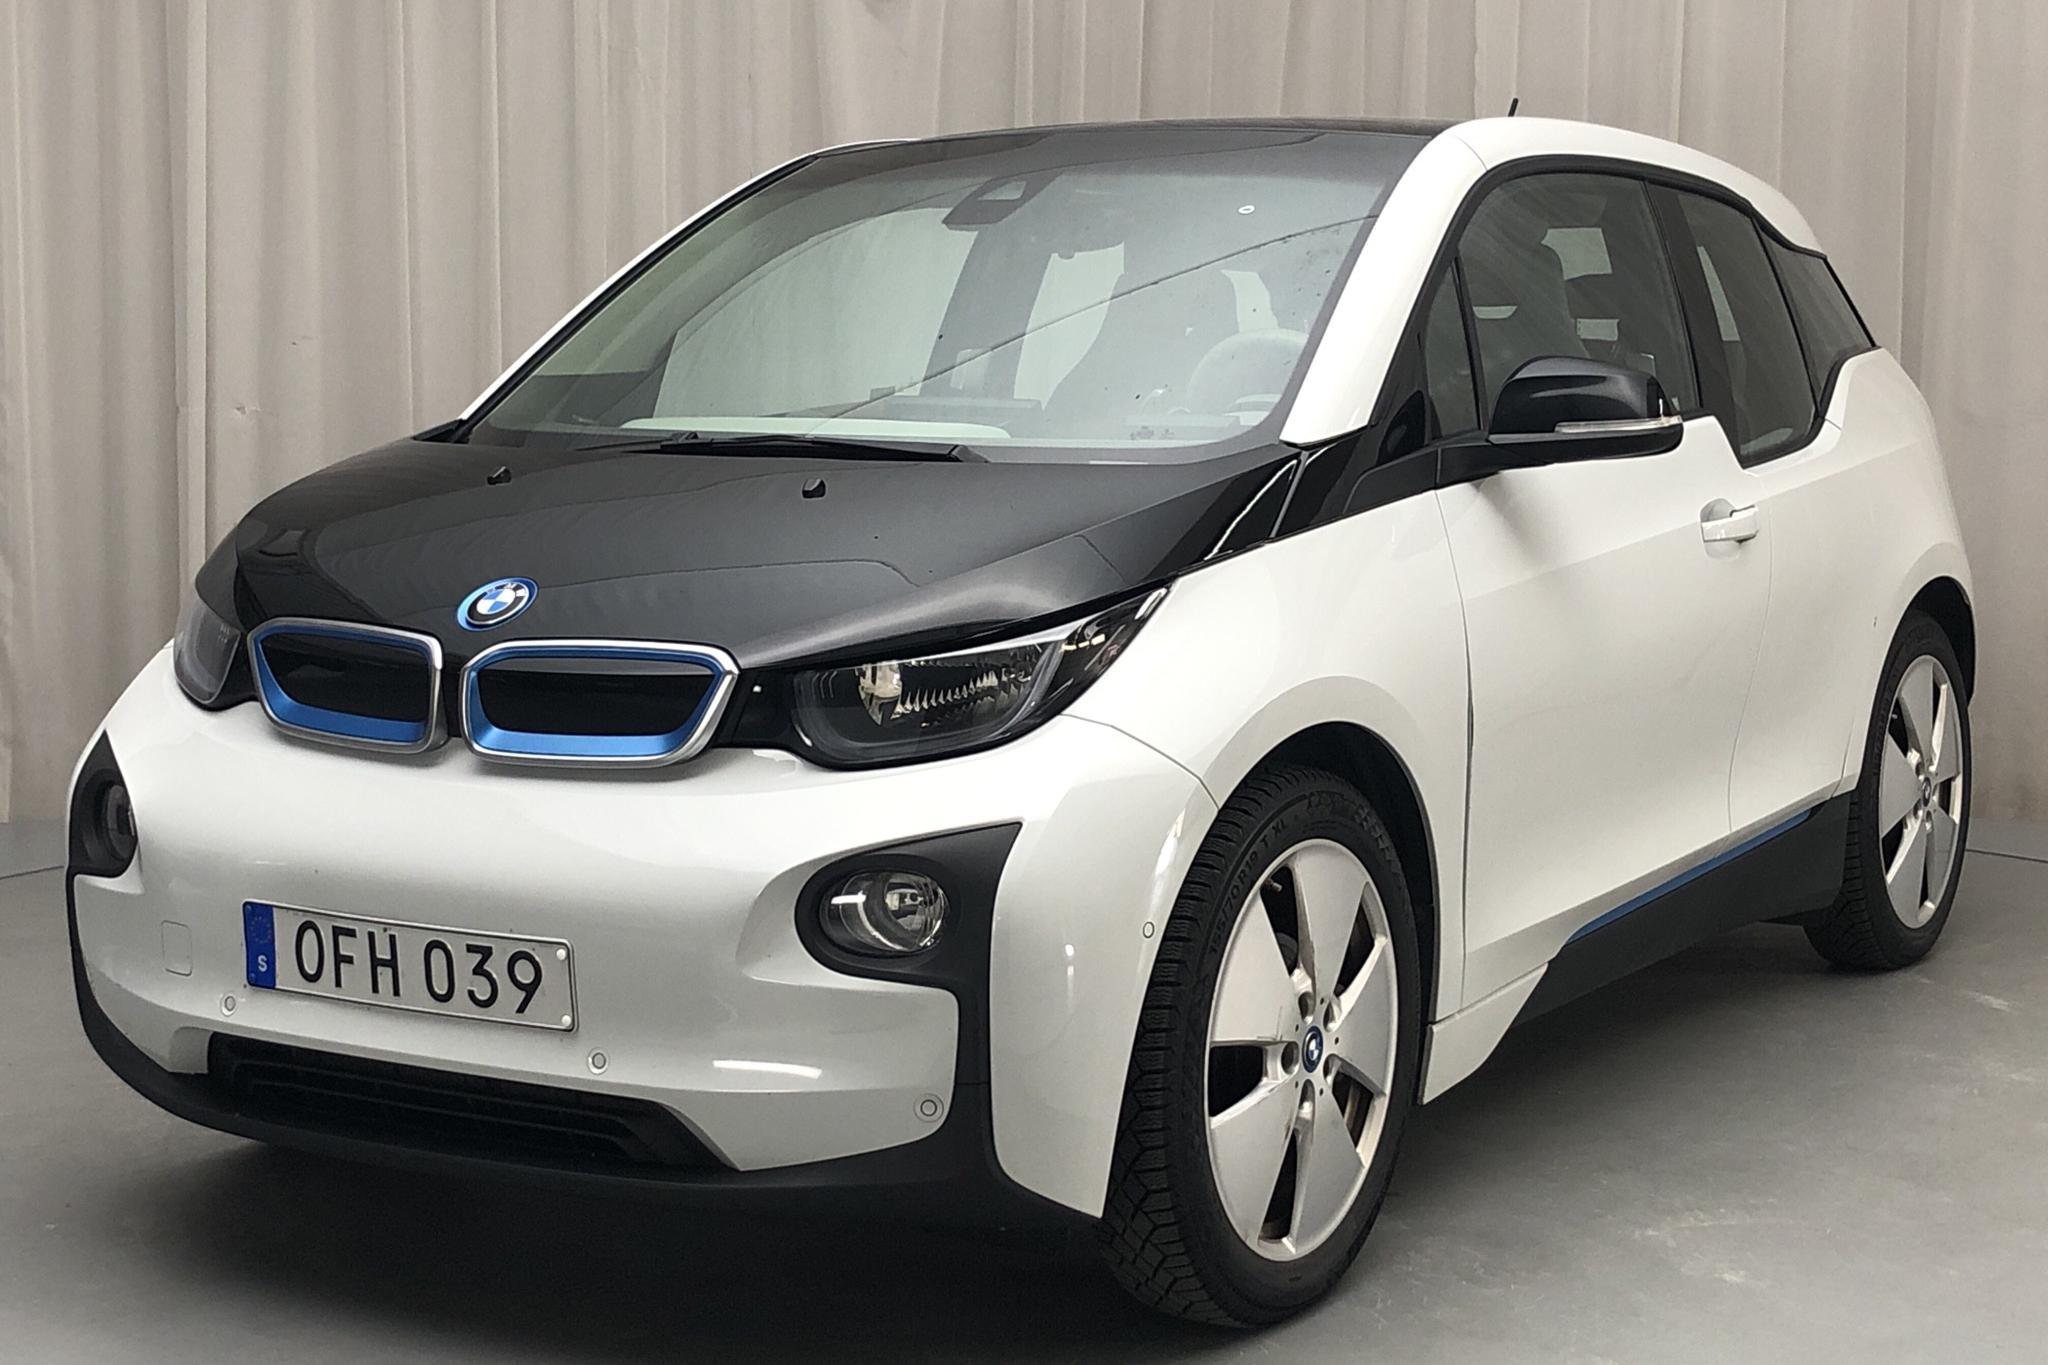 BMW i3 REX 94Ah, I01 (170hk) - 91 690 km - Automatic - white - 2017